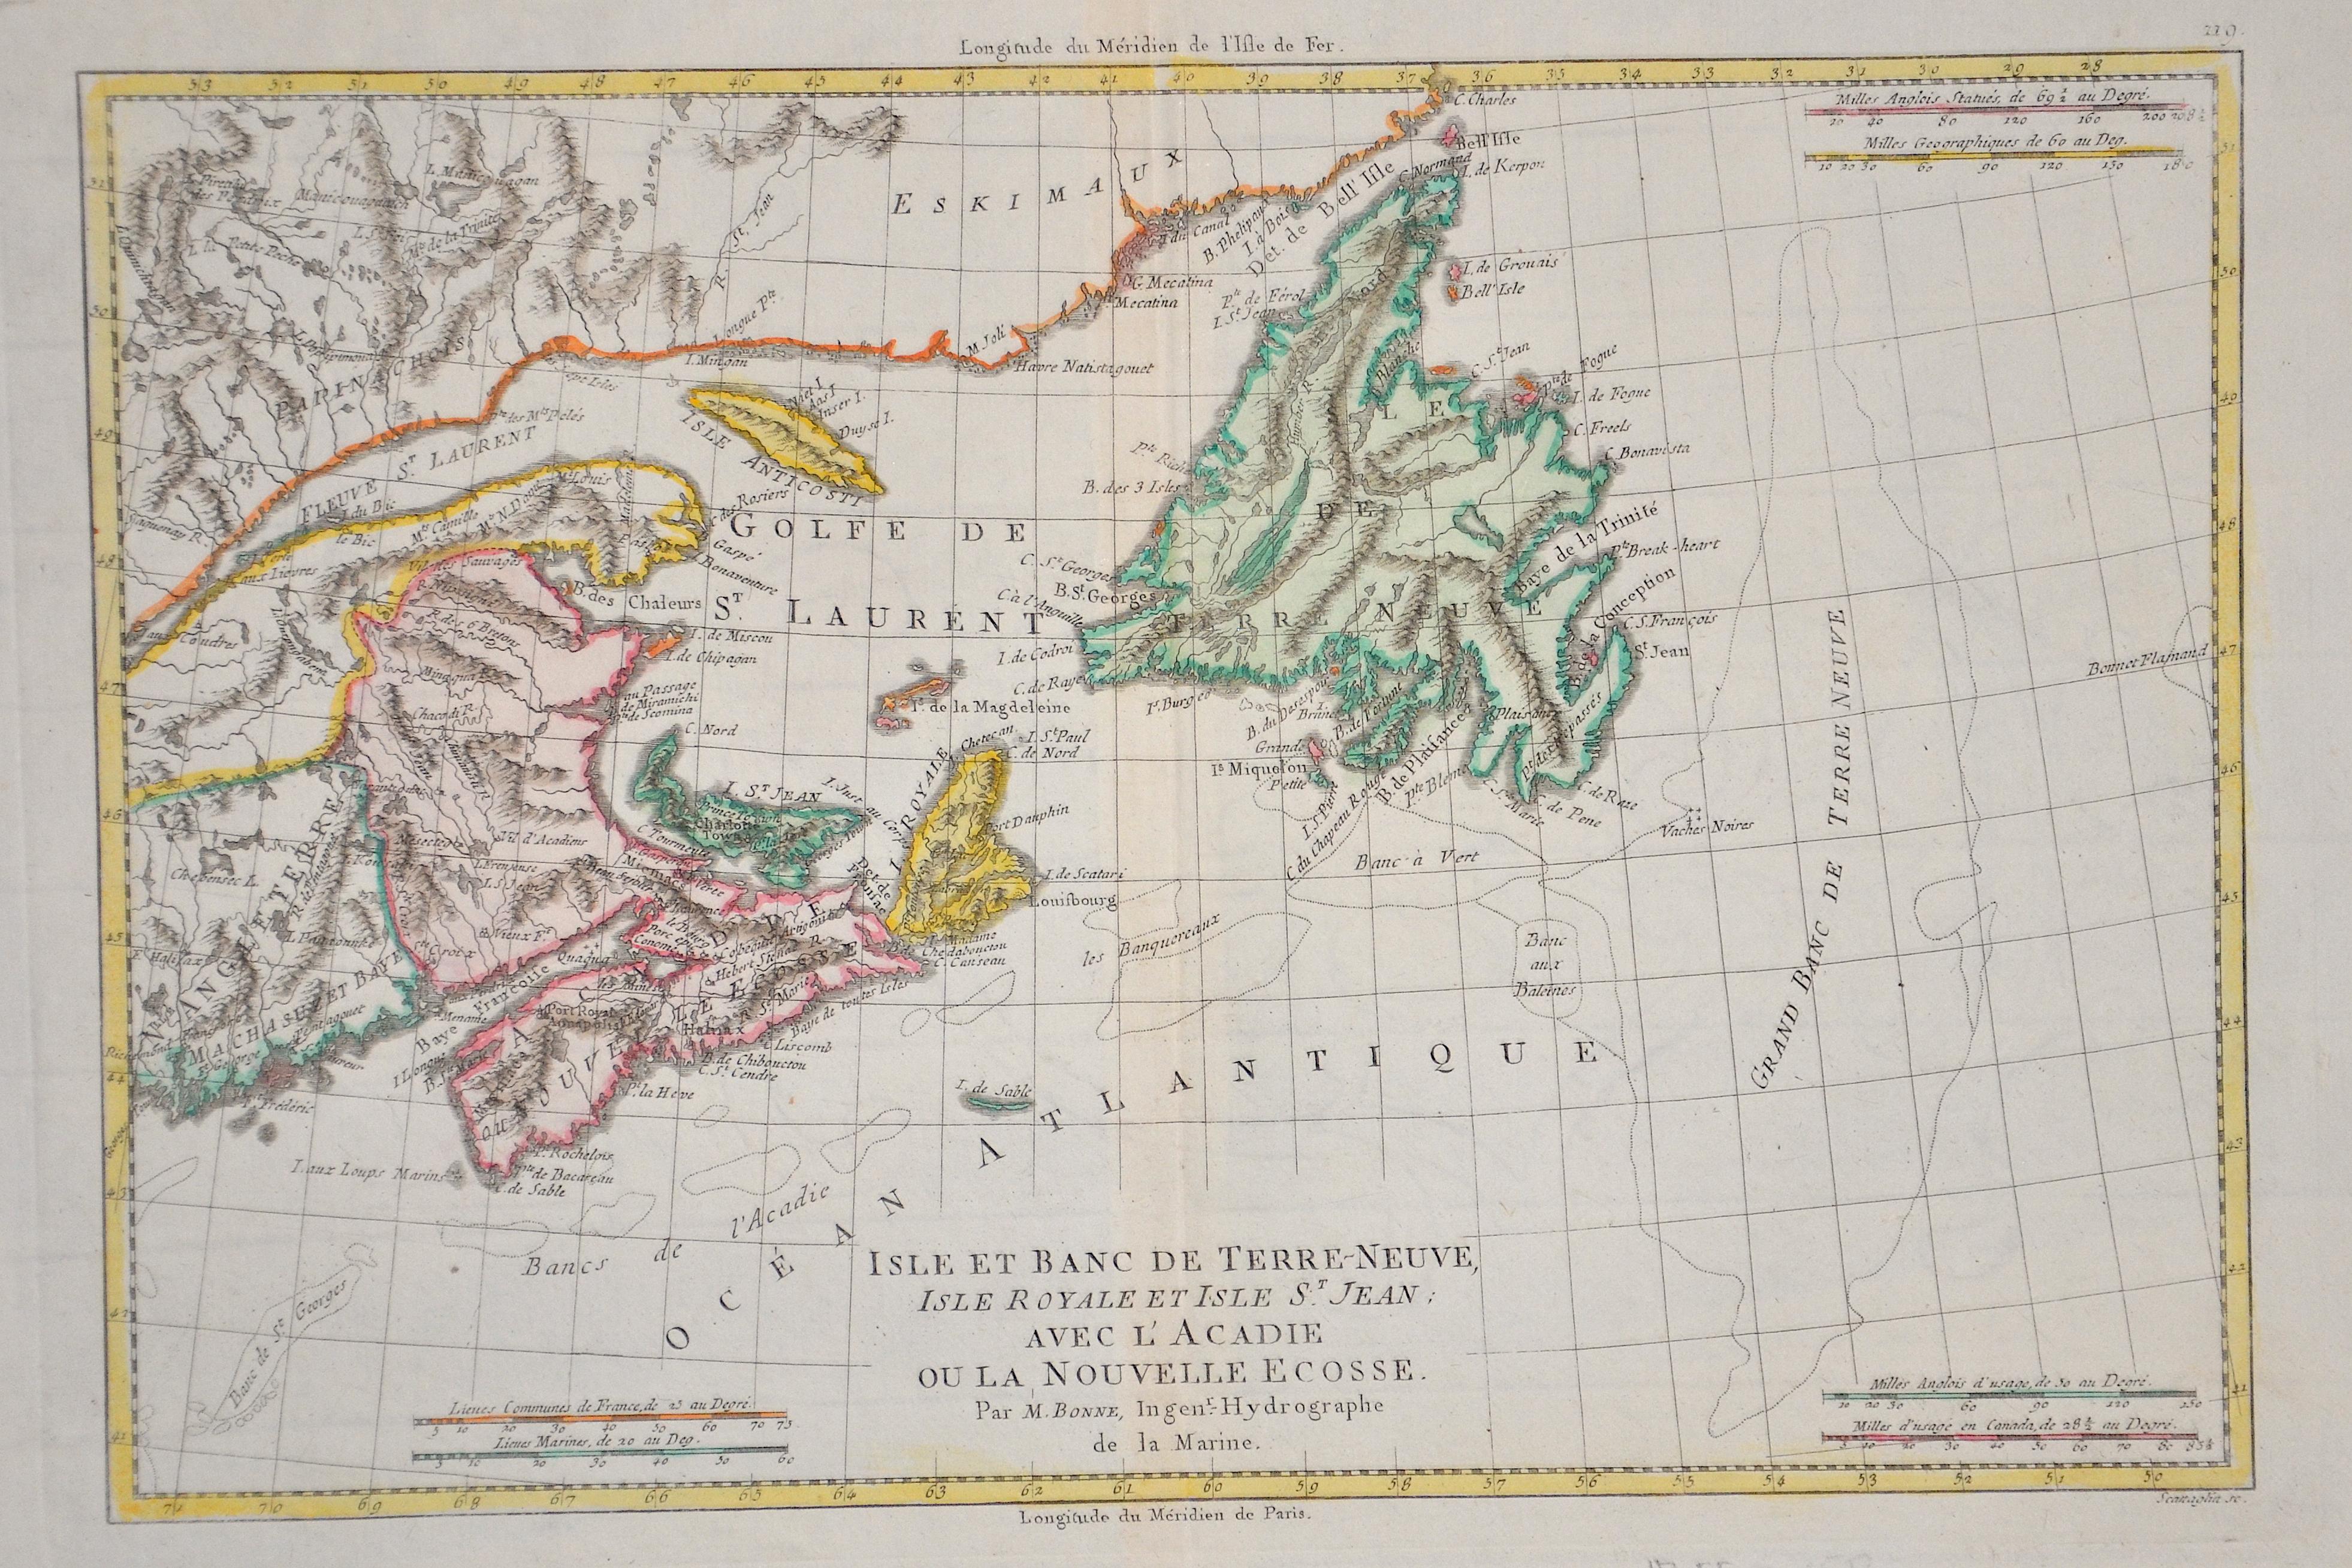 Bonne  Isle et Banc de Terre- Neuve isle Royale et isle St. Jean avec l´Acadie ou la nouvelle Ecosse